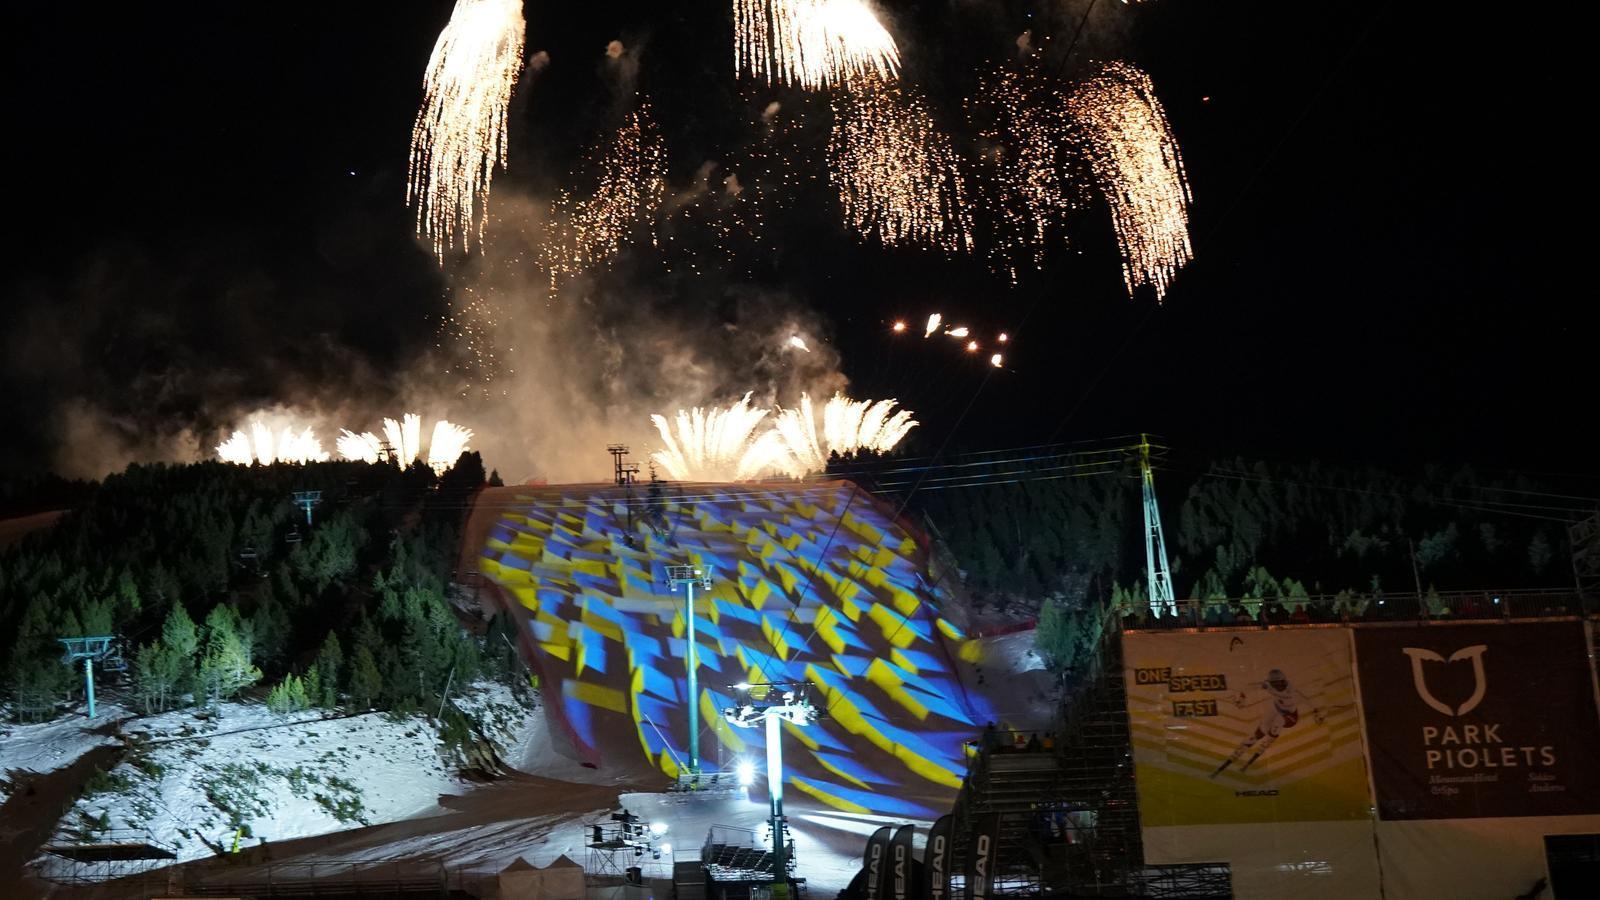 La  inauguració a la pista Avet  amb els fovs d'artifici / ORIOL MOLAS